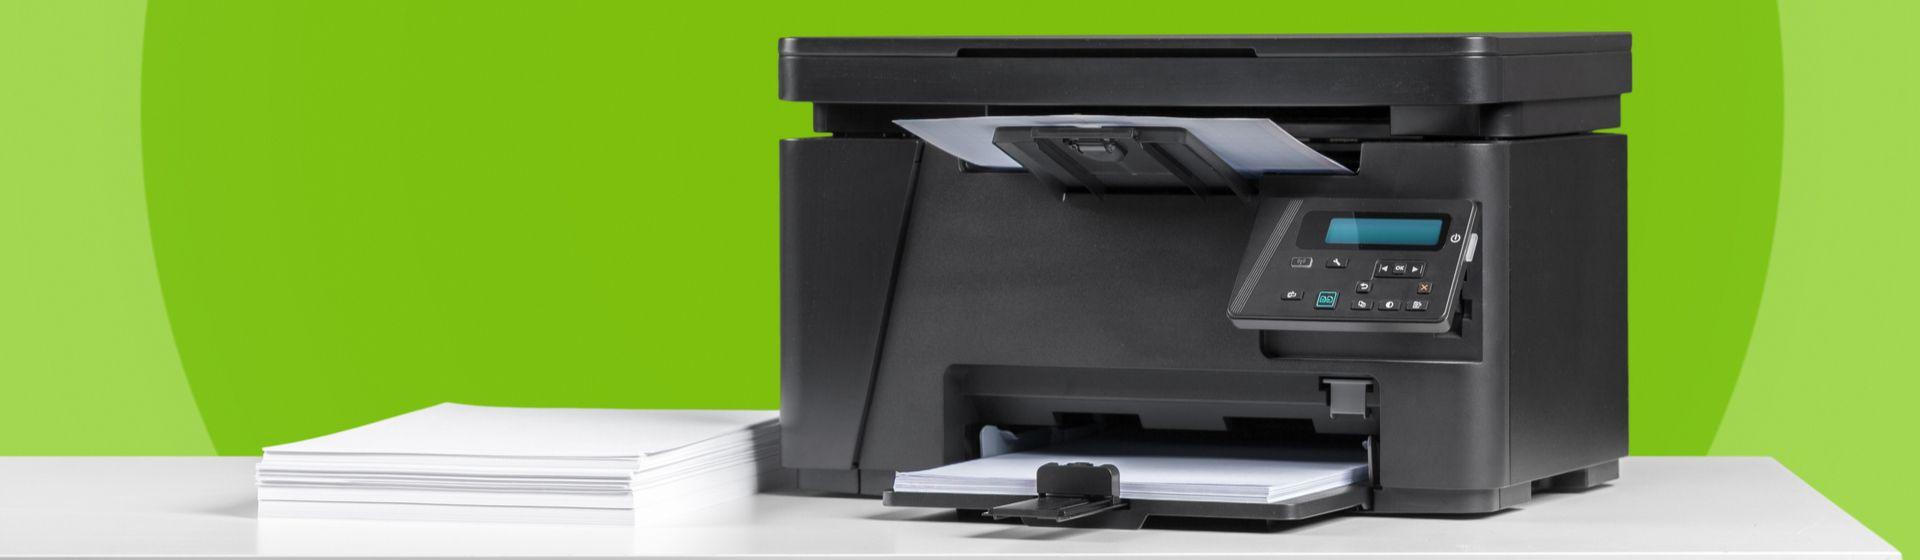 Melhor impressora tanque de tinta em 2021: 9 modelos para comprar